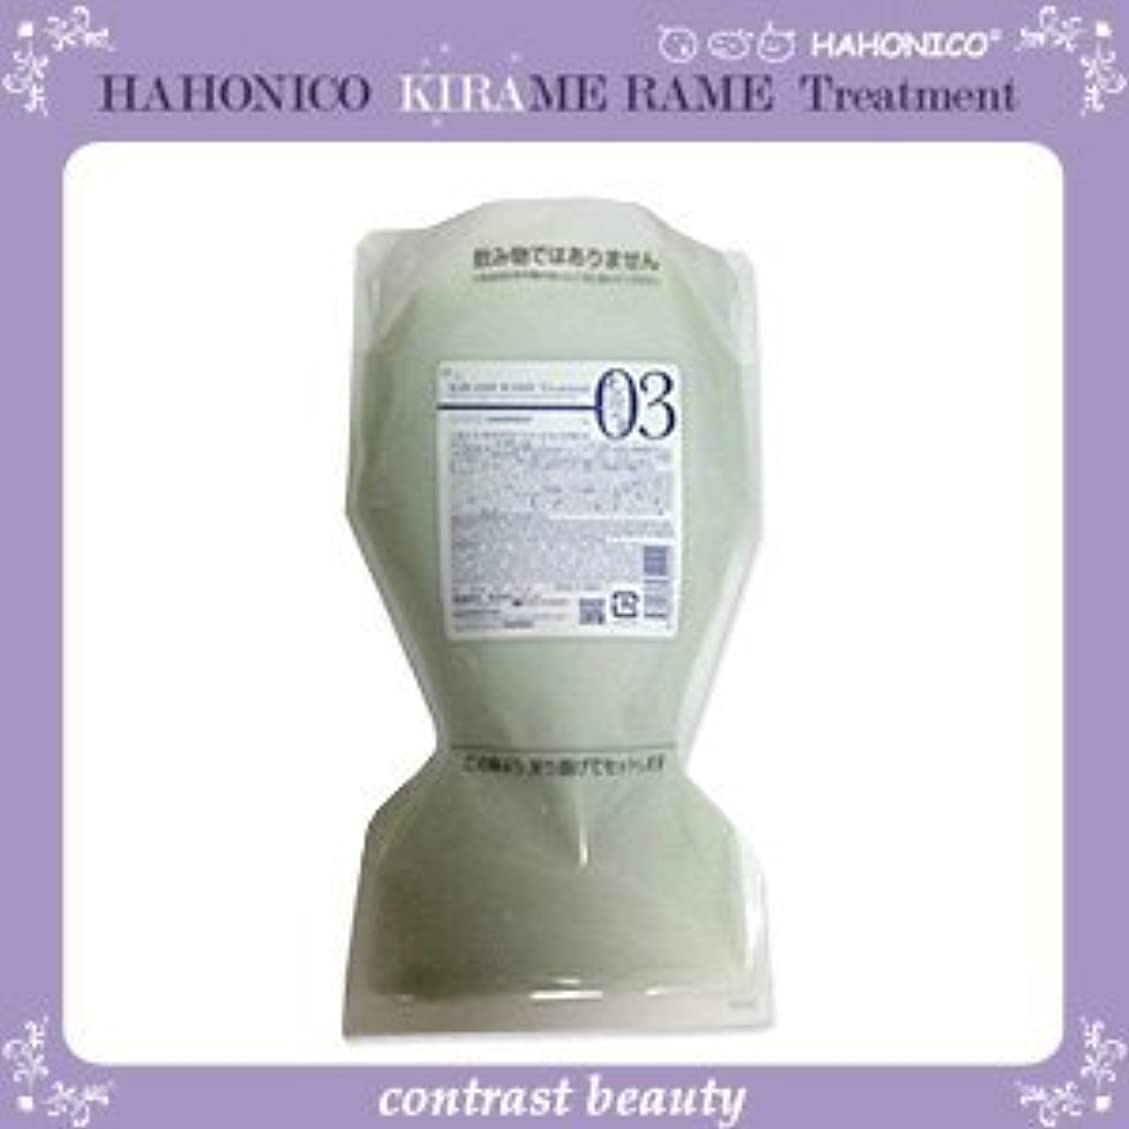 子羊神学校おしゃれじゃないハホニコ キラメラメ トリートメントNo.3 500g(詰め替え) KIRAME RAME HAHONICO